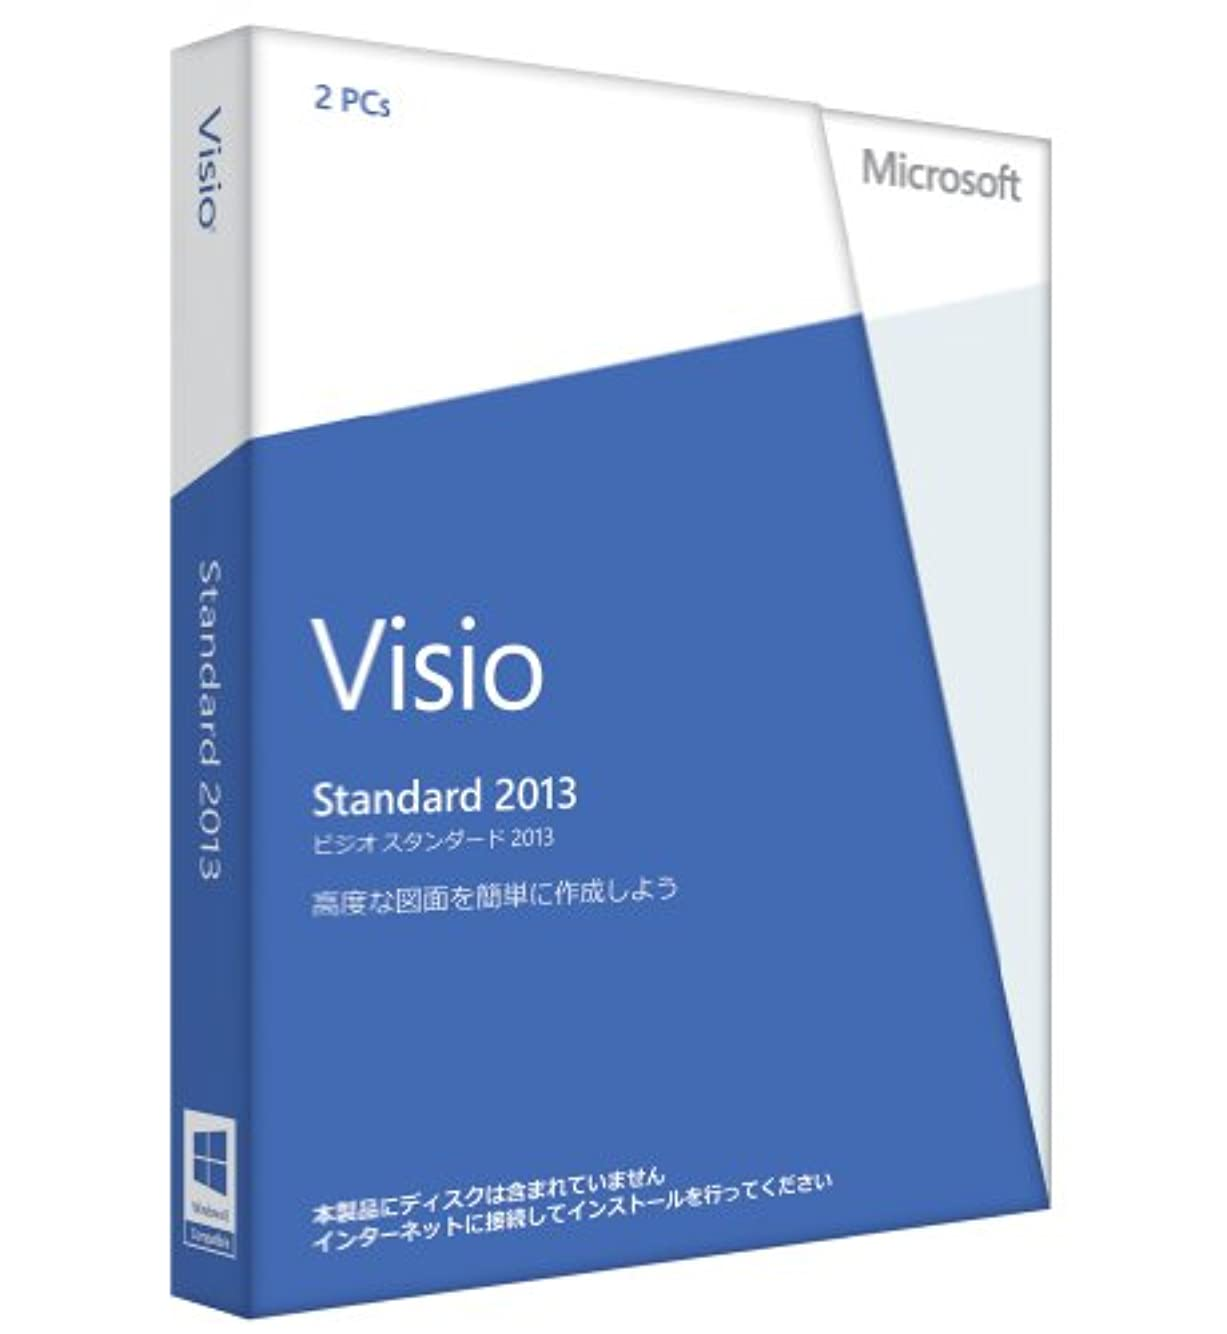 場所黒取得【旧商品/2016年メーカー出荷終了】Microsoft Office Visio Standard 2013 通常版 [プロダクトキーのみ] [パッケージ] [Windows版](PC2台/1ライセンス)